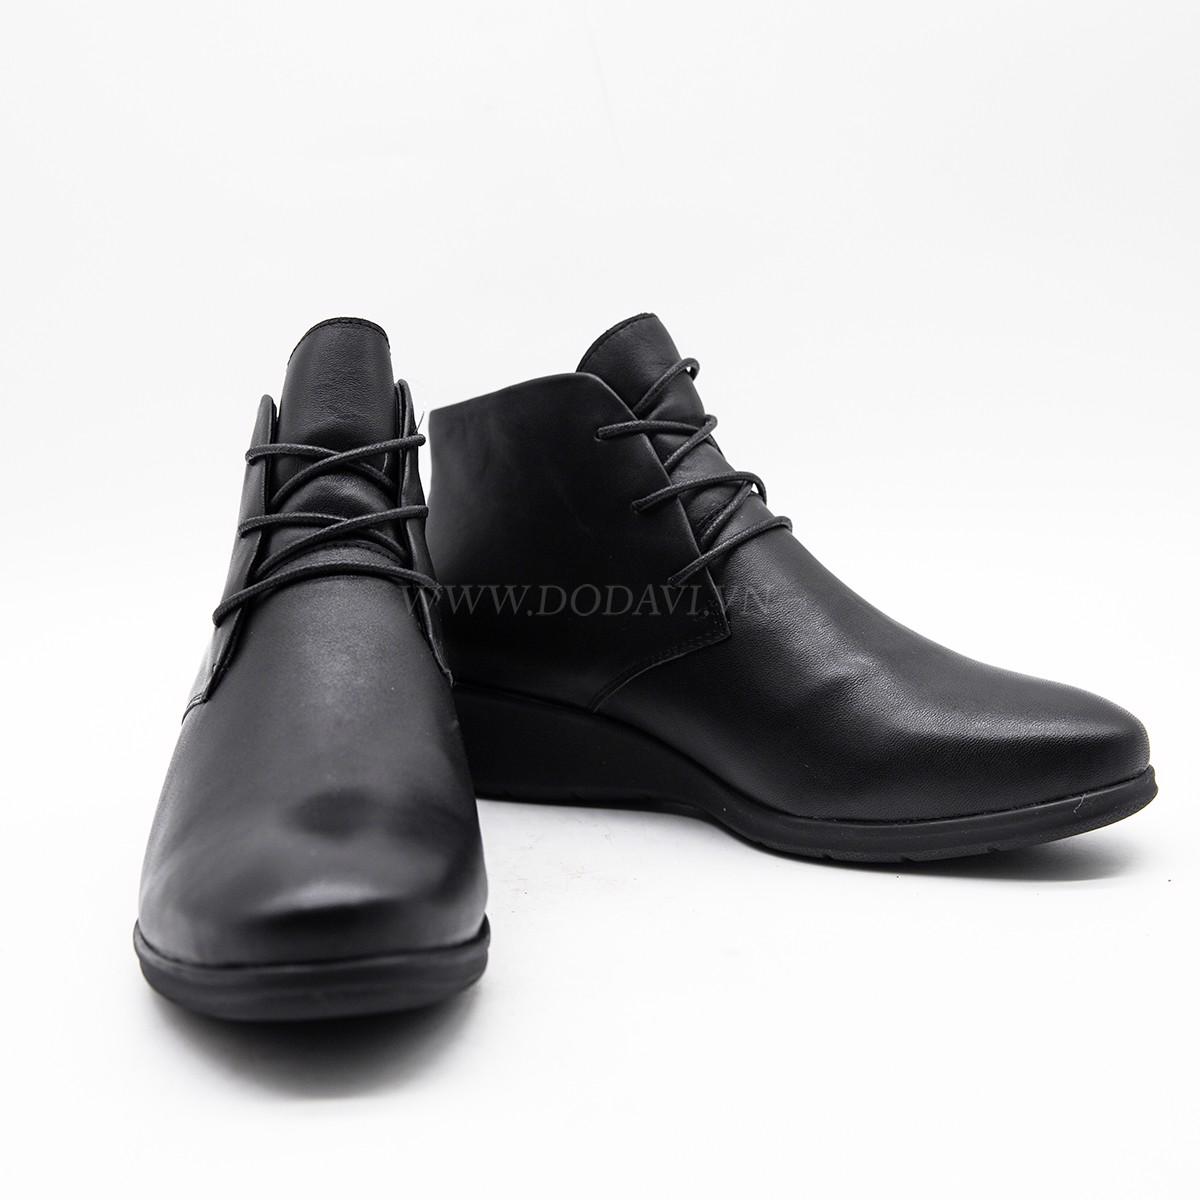 Boot da nữ cổ thấp 3619-1